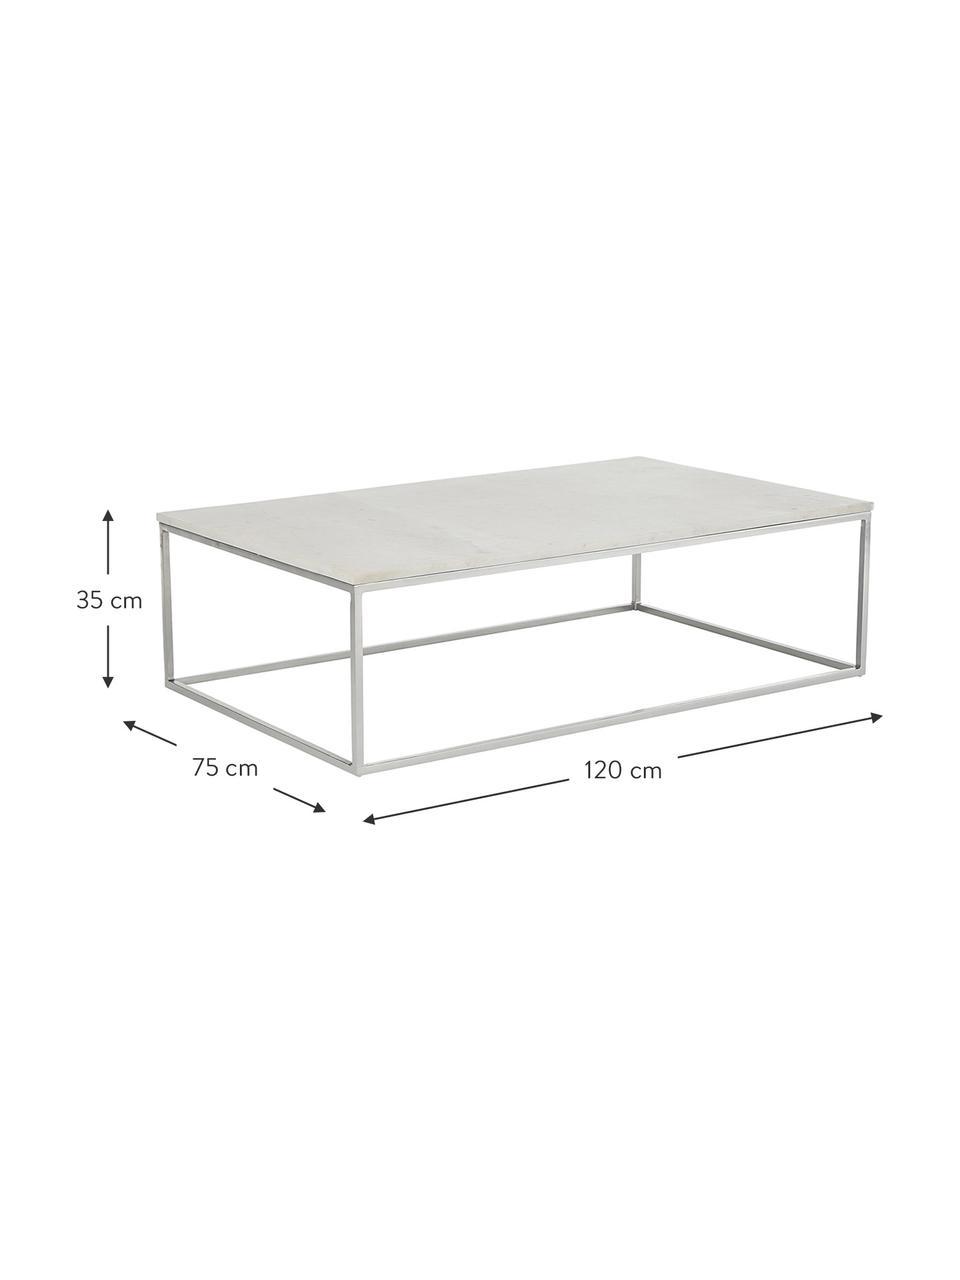 Großer Marmor-Couchtisch Alys, Tischplatte: Marmor Naturstein, Gestell: Metall, pulverbeschichtet, Weißer Marmor, Silberfarben, 120 x 35 cm